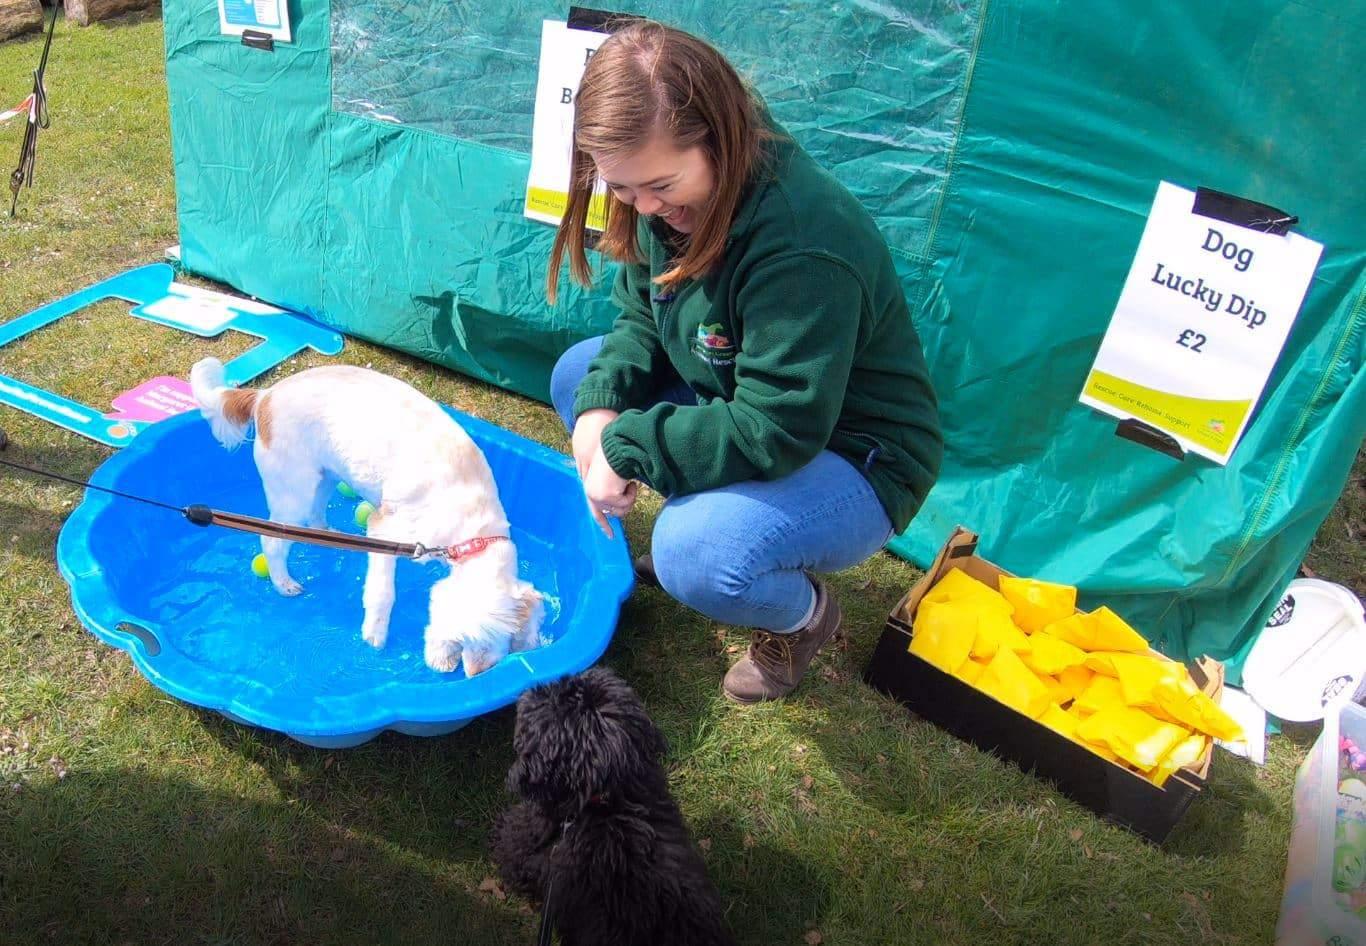 Dog Friendly Lodge Sponsored Walk At Burnbake Lodges Margaret Green Dorset Purbeck